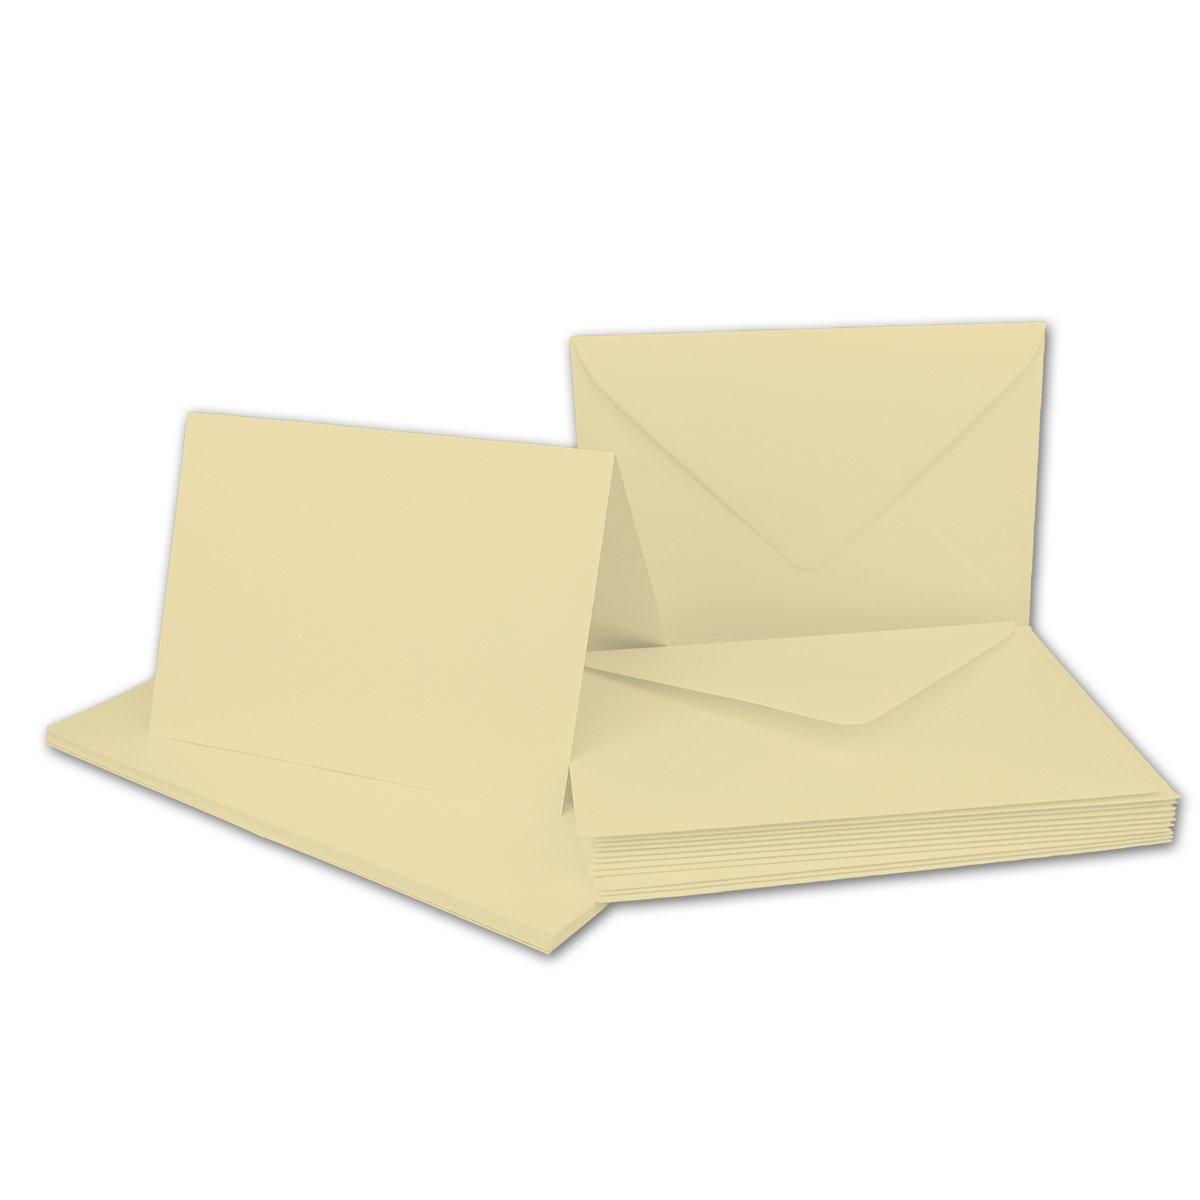 75 Sets - Faltkarten Hellgrau - Din A5  Umschläge Din C5 - Premium Qualität - Sehr formstabil - Qualitätsmarke  NEUSER FarbenFroh B07BSDQ2F6 | Verpackungsvielfalt